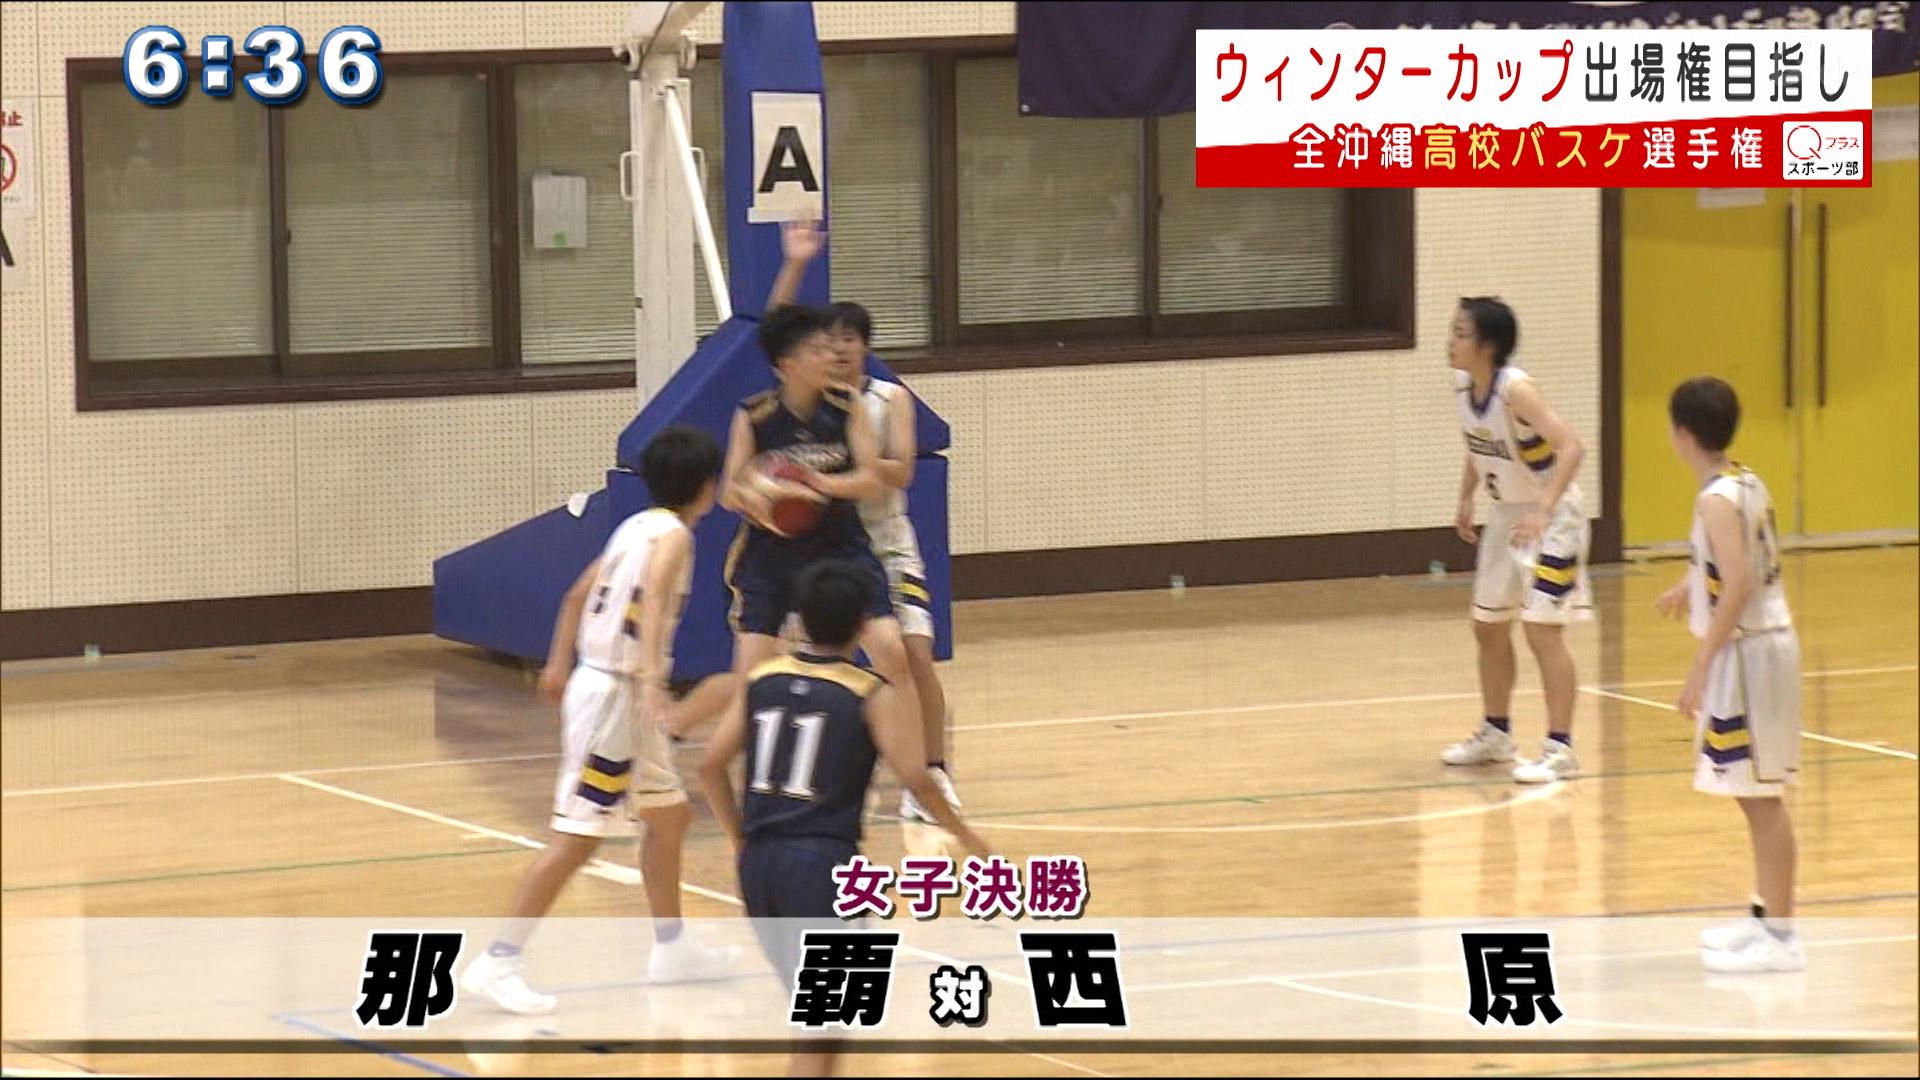 バスケットボール全沖縄高校選手権決勝